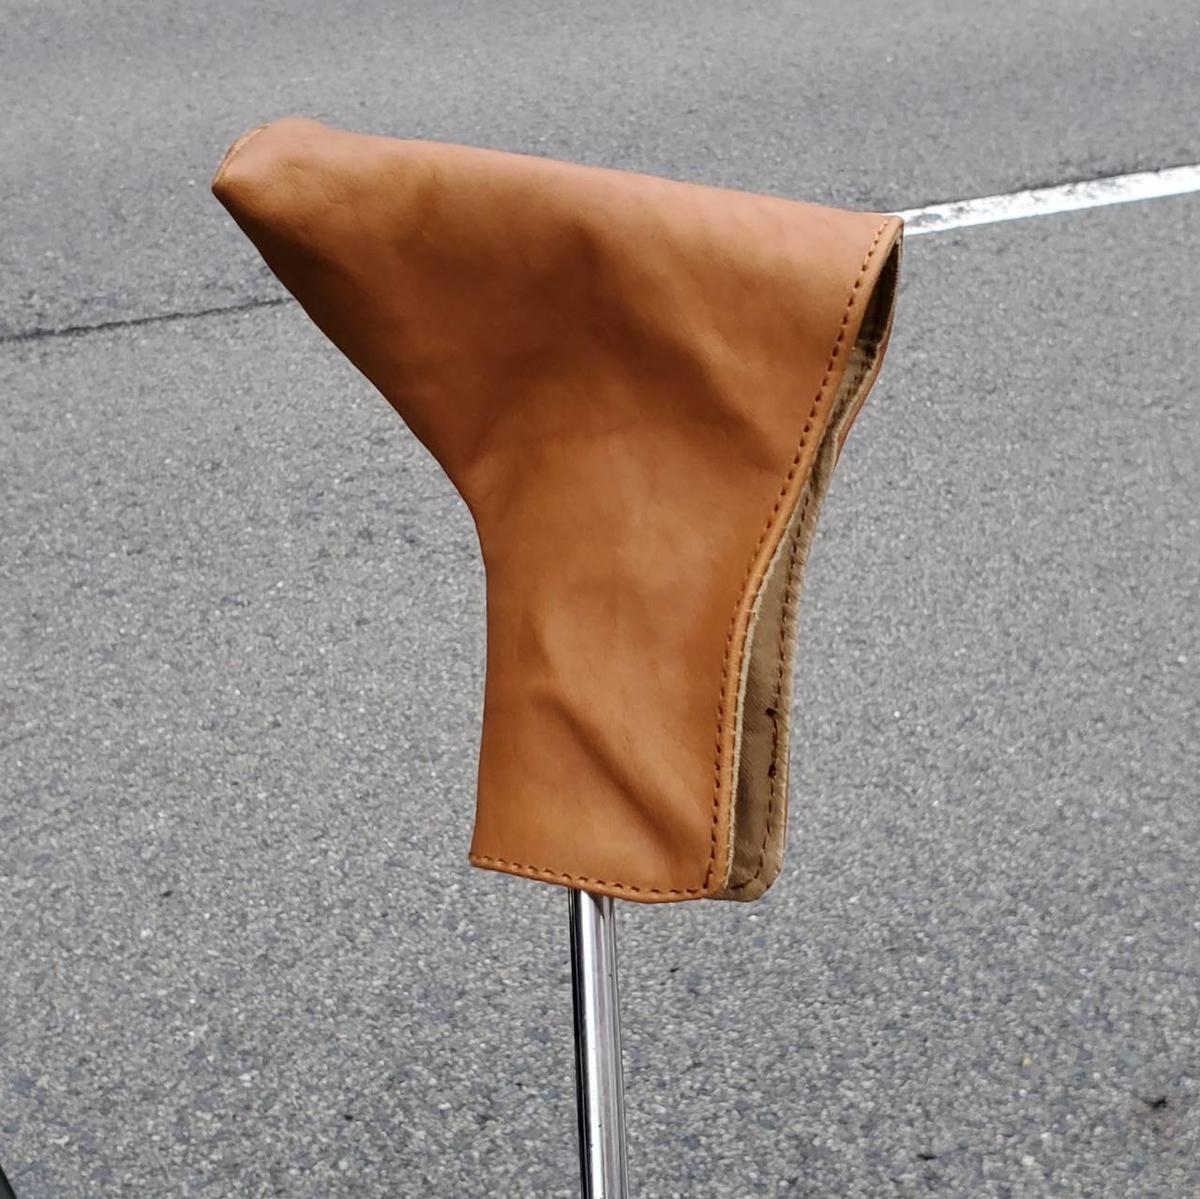 ゴルフクラブのパターカバーをヌメ革でオーダーメイド